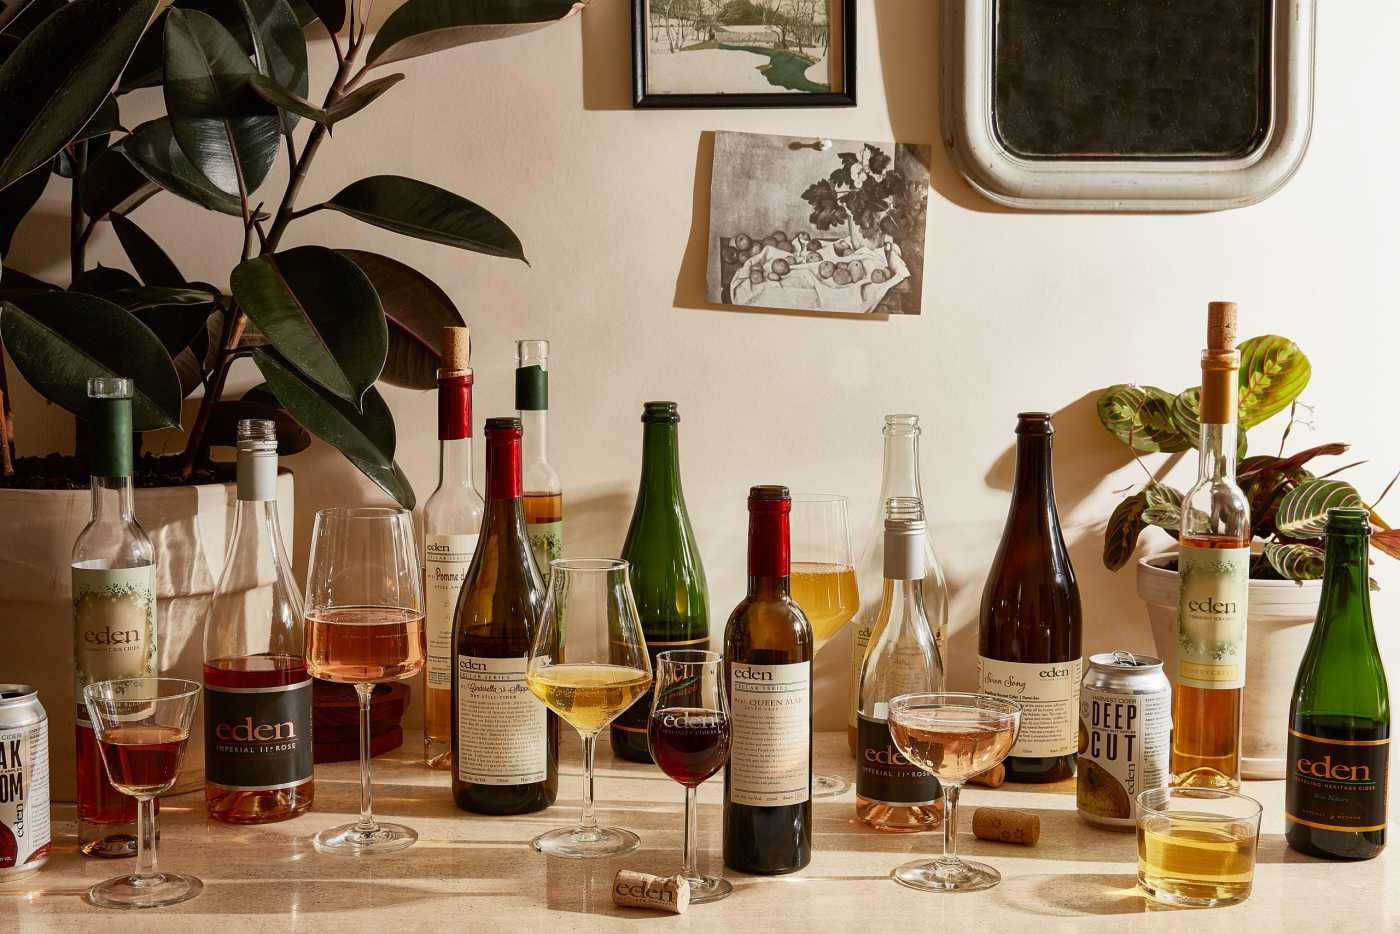 Eden Ciders Bottles